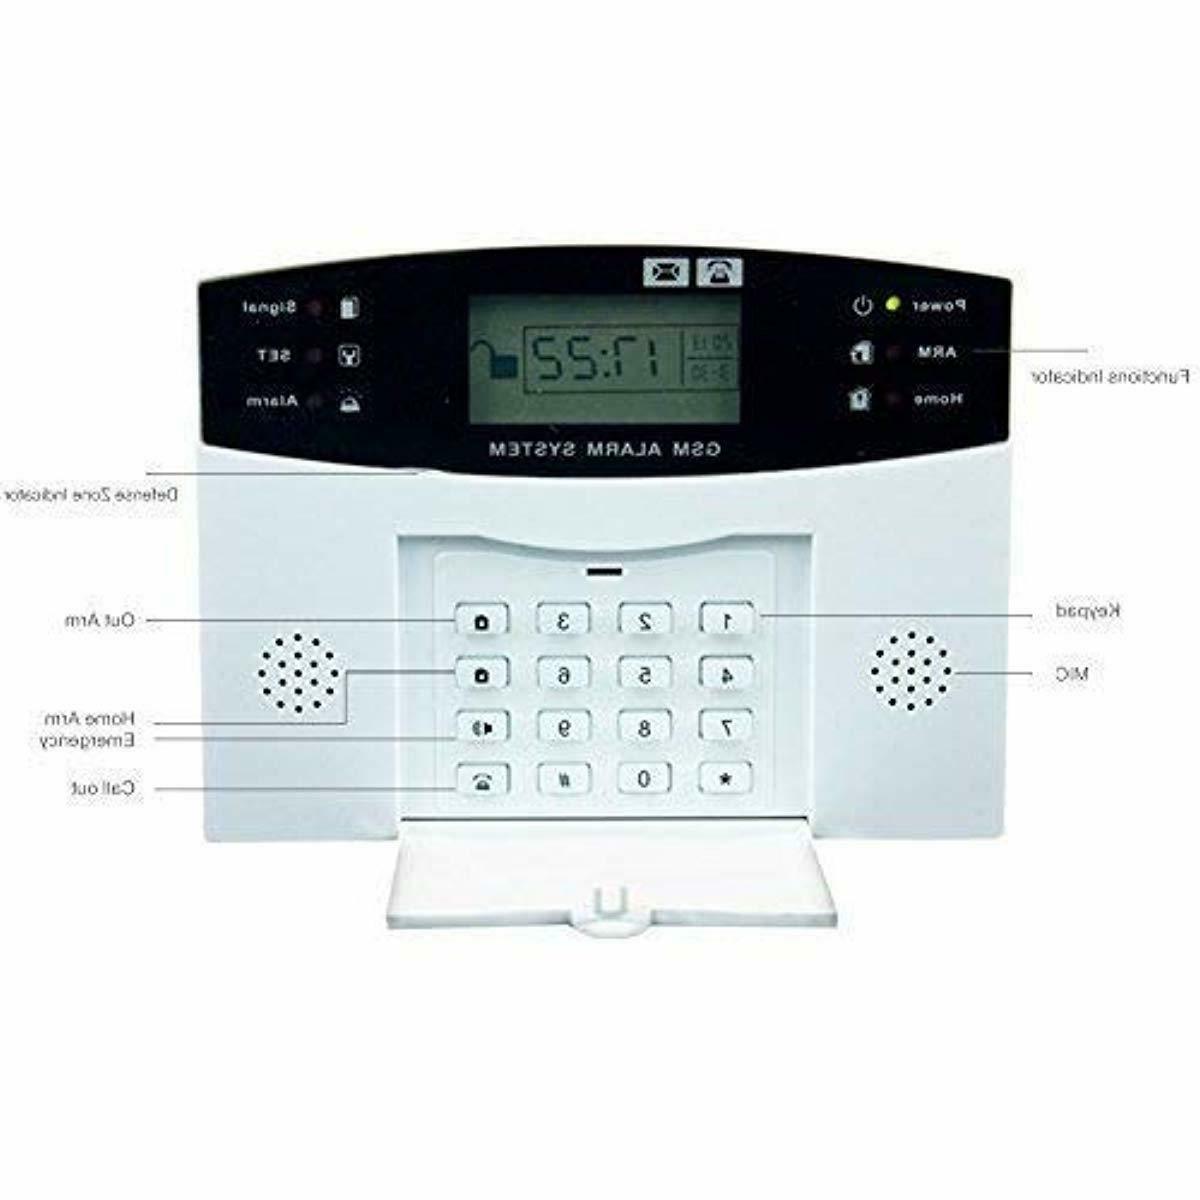 AG-security SMS Home Burglar Security Fire Alarm